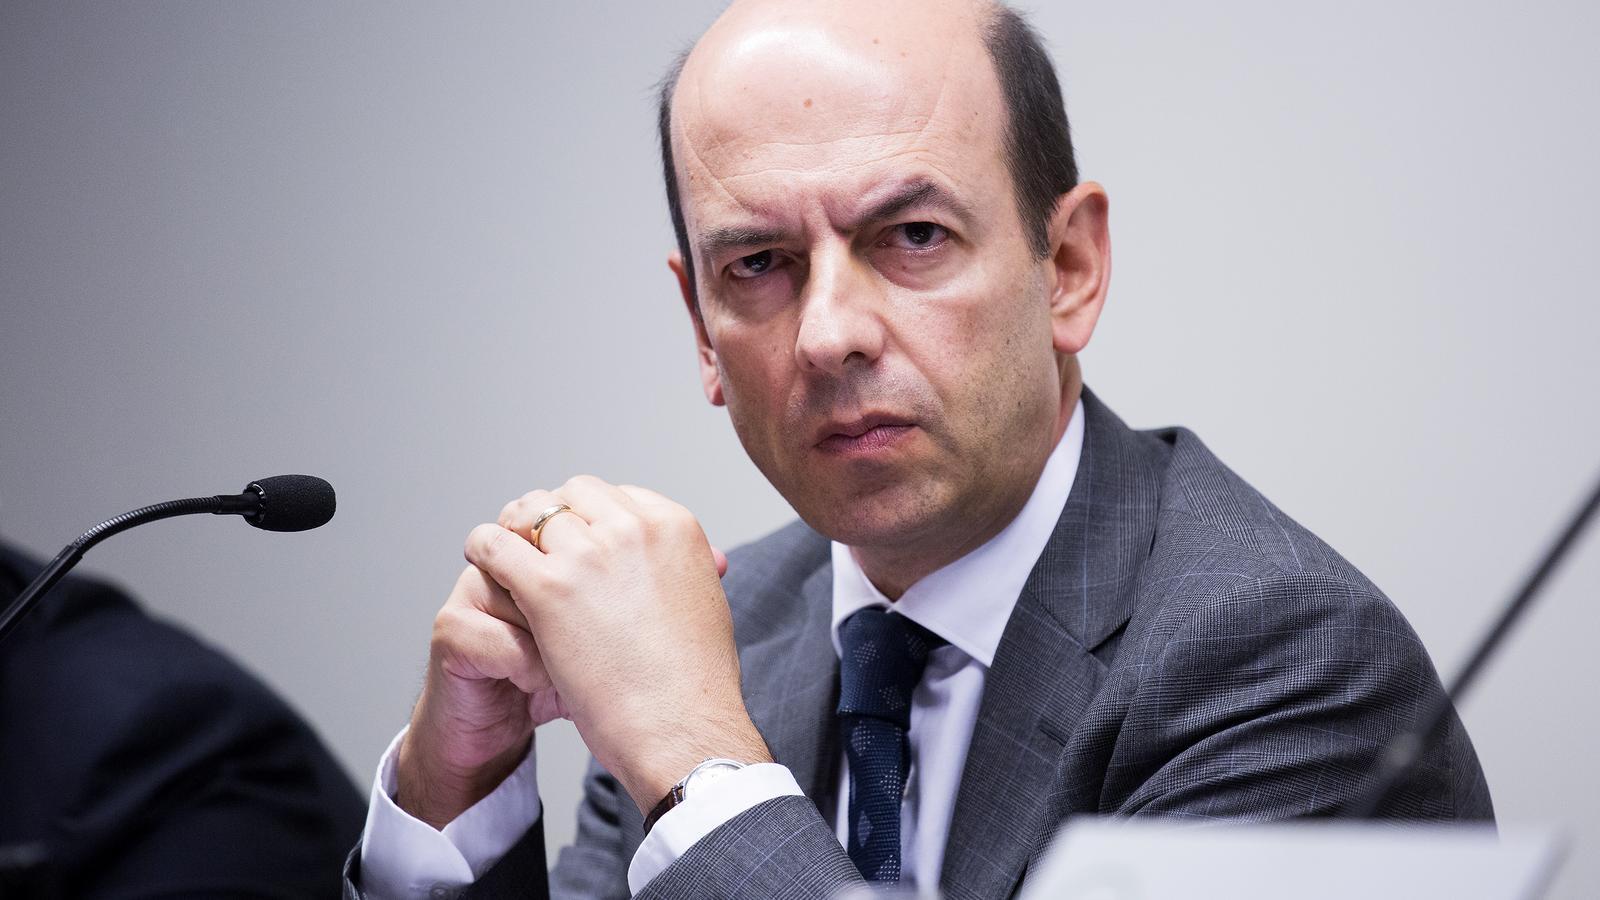 L'economista català Jordi Galí, en una imatge d'arxiu